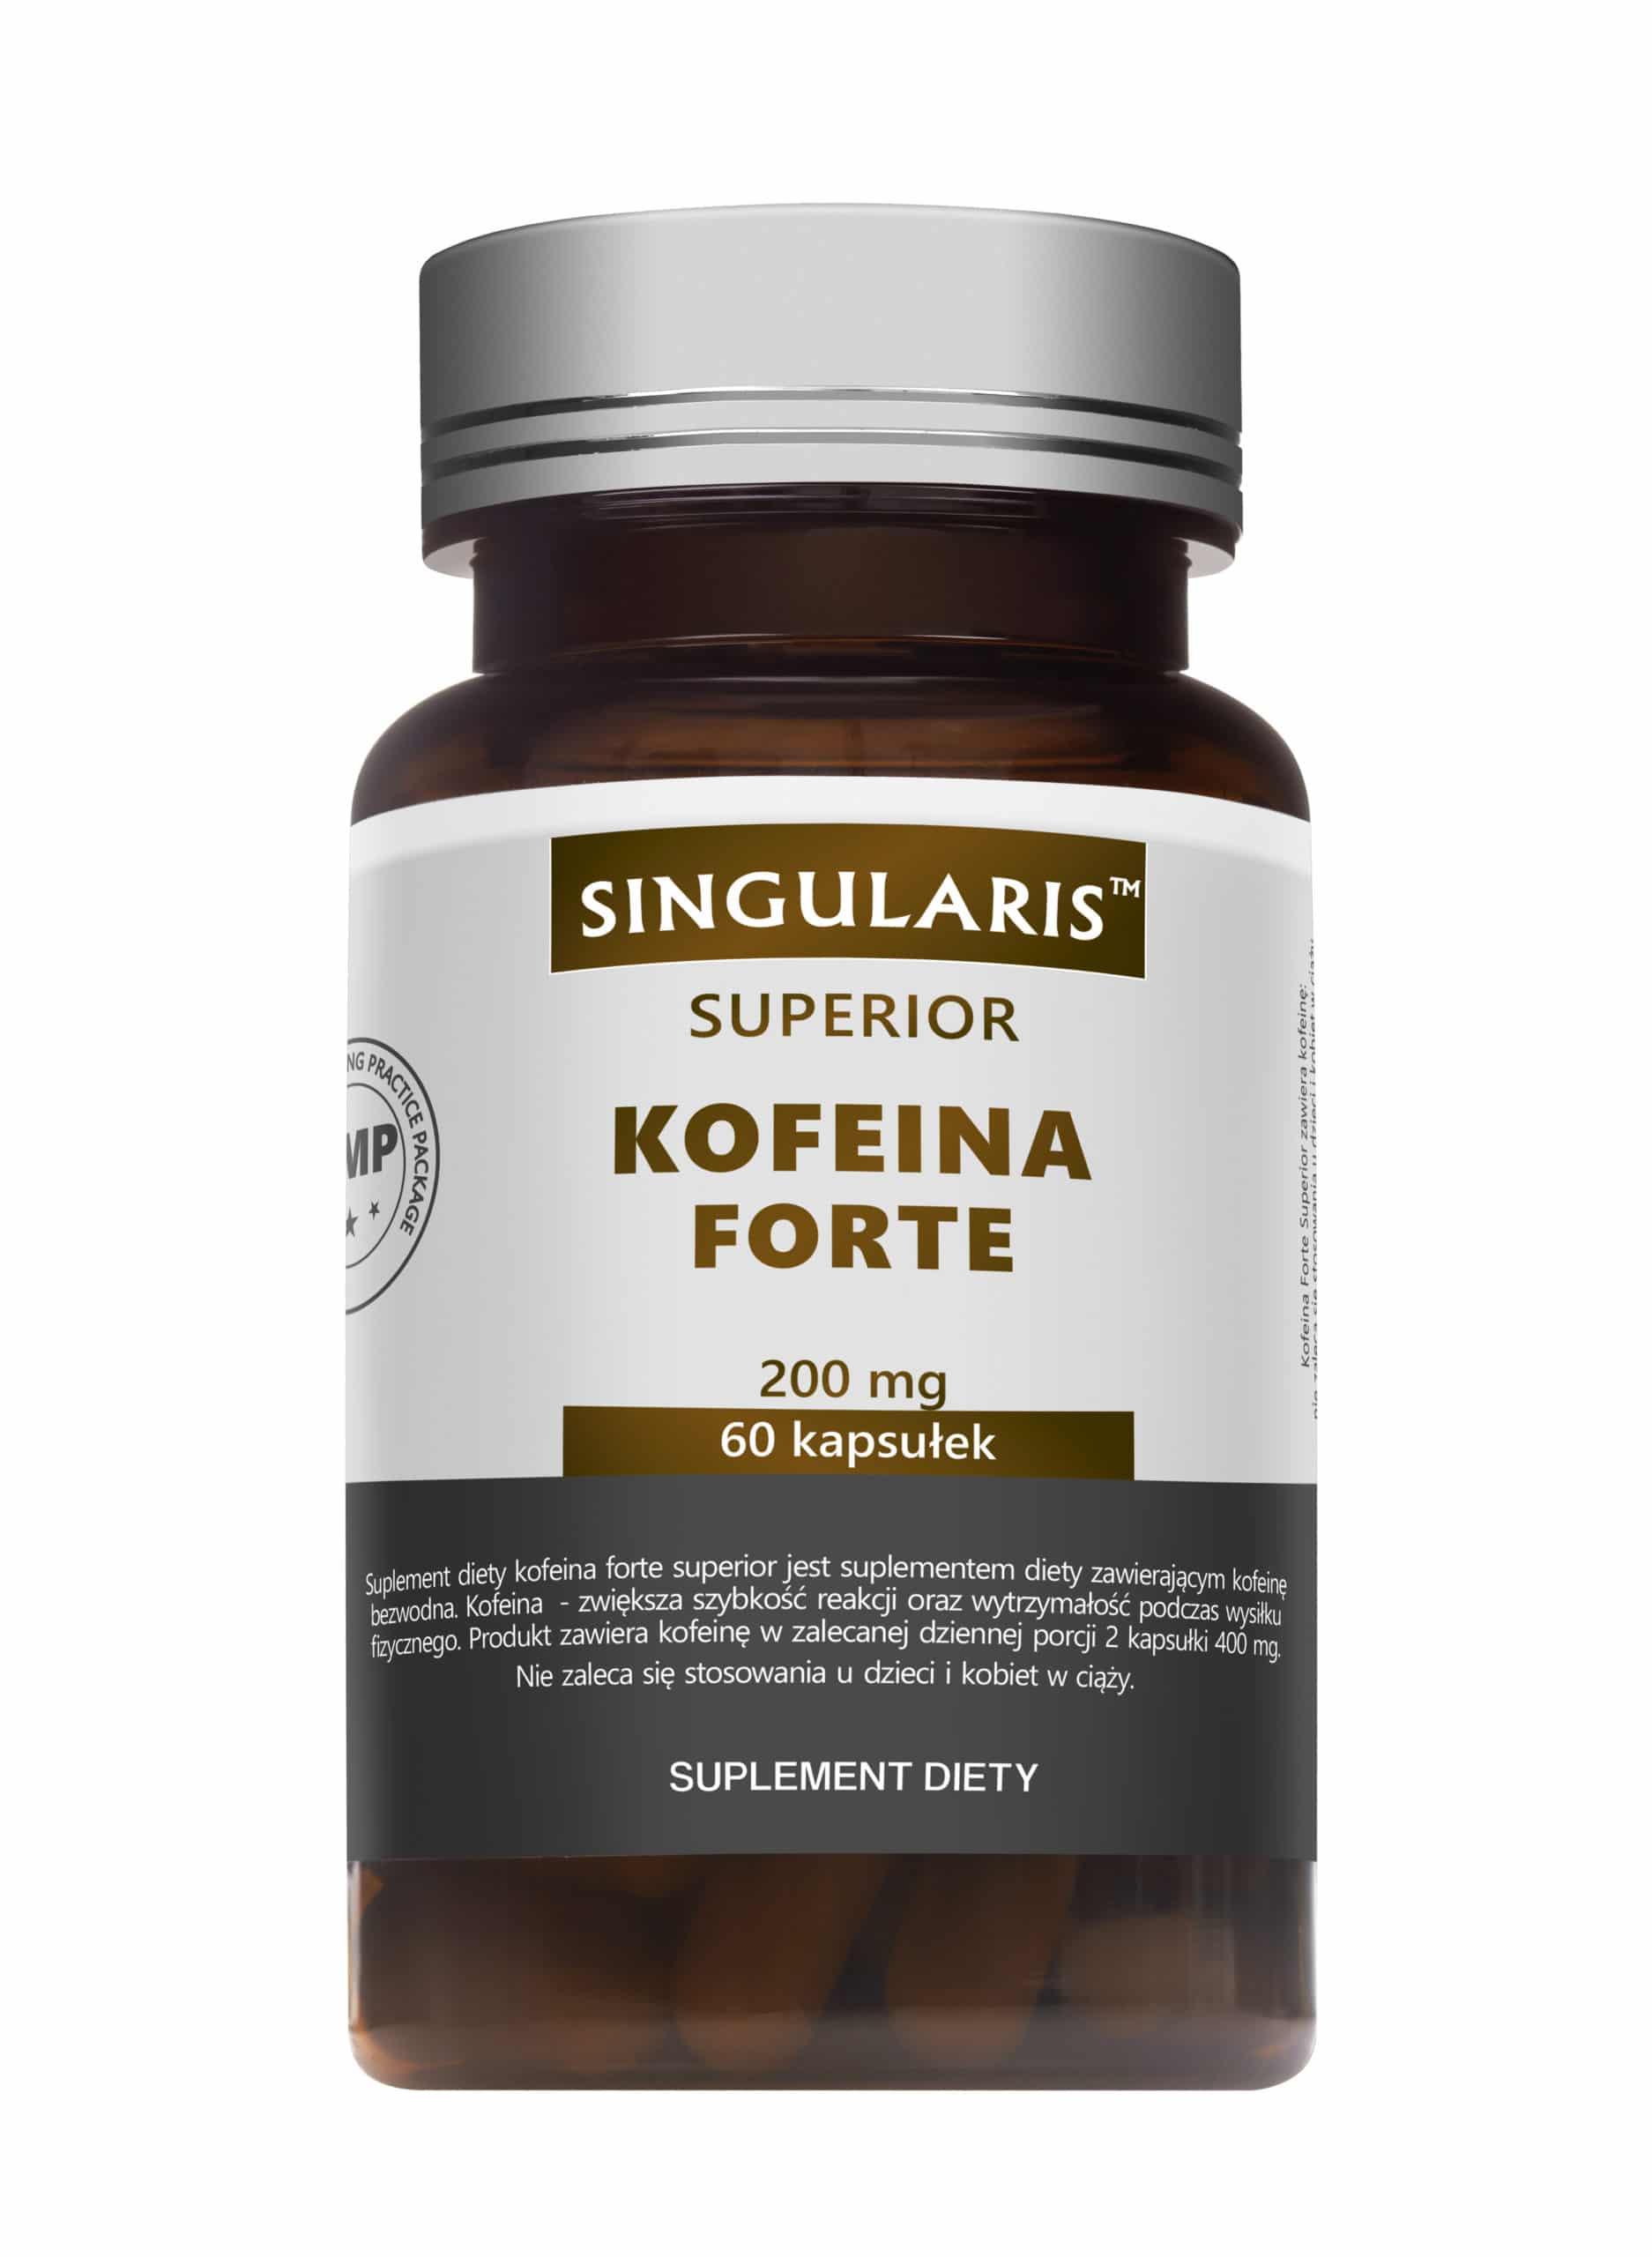 KOFEINA FORTE 200 mg SINGULARIS® SUPERIOR - 60 kapsułek